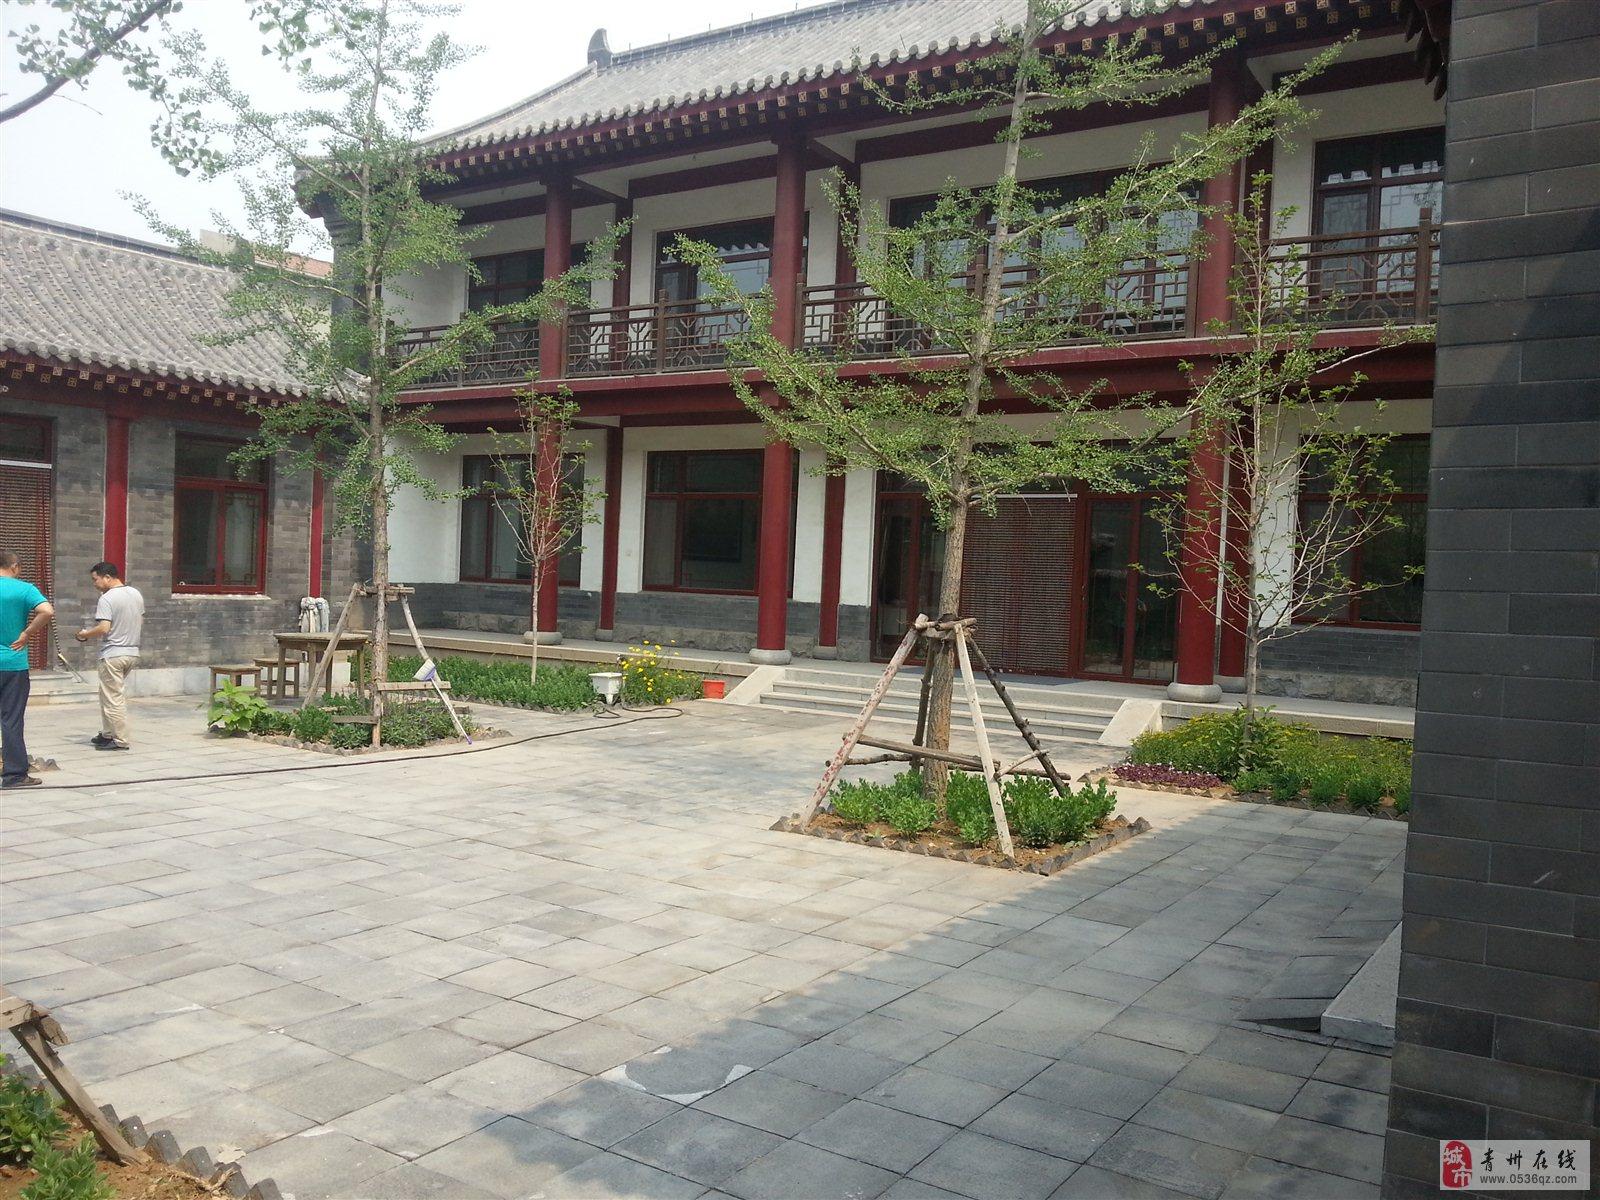 青州宋城安定府四合院